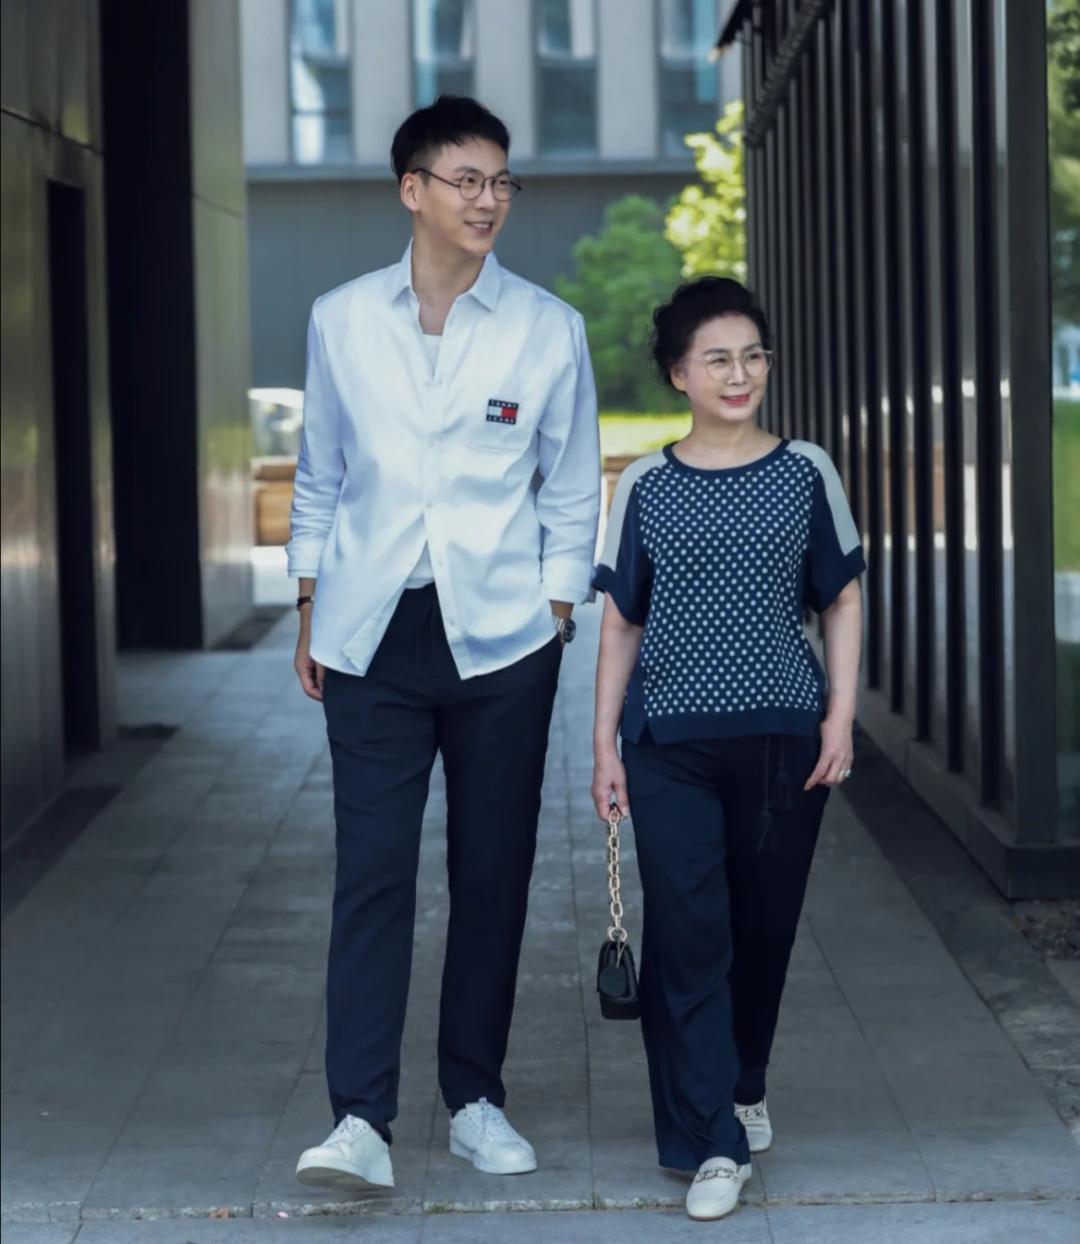 妈妈们也要时尚过夏季,这些妈妈级的博主真会穿,不仅减龄还高级